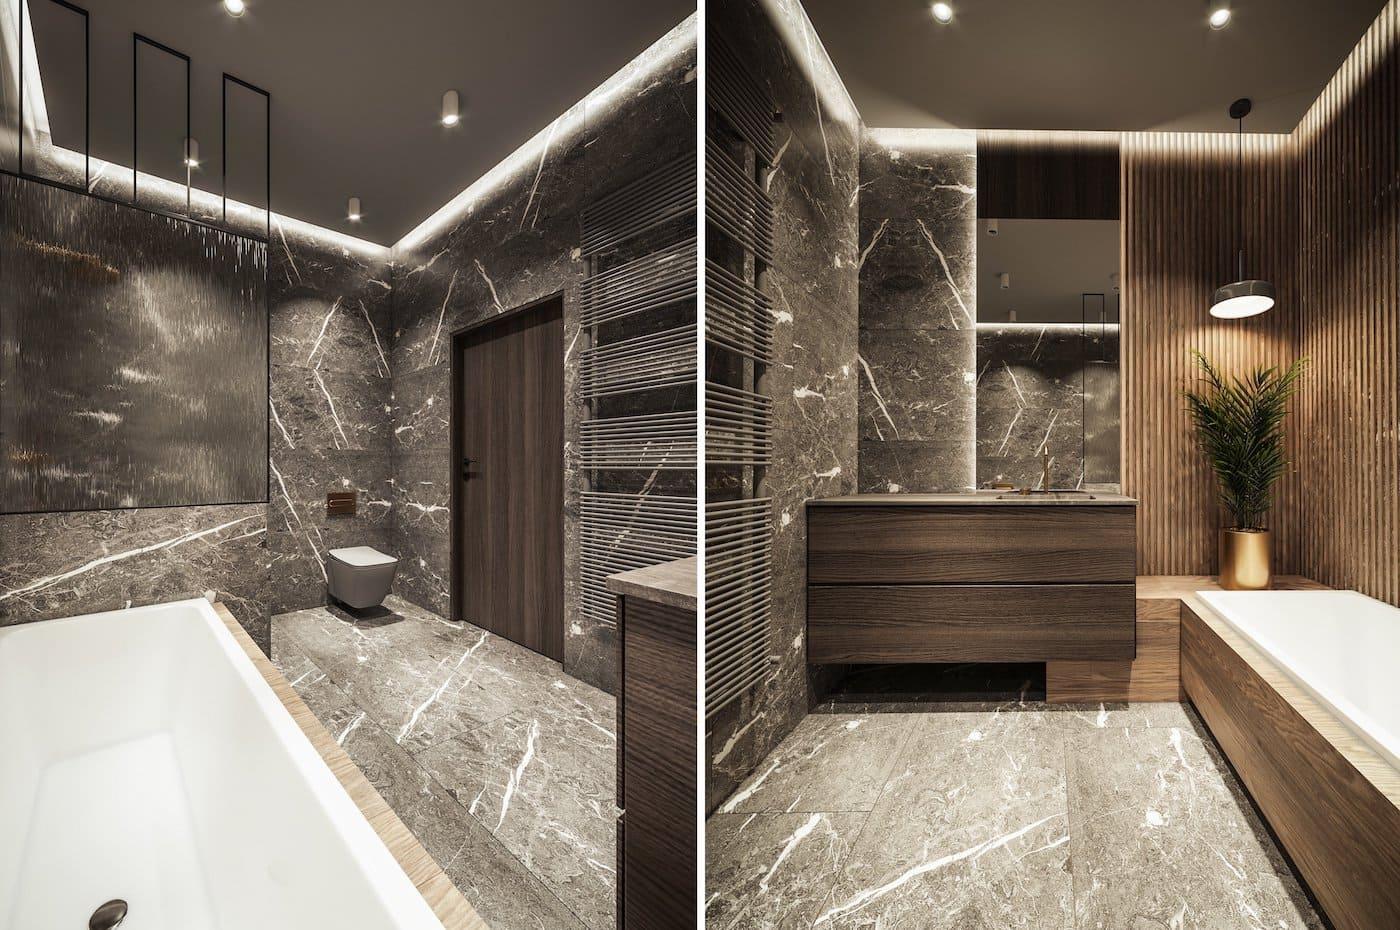 дизайн интерьера ванной комнаты фото 70